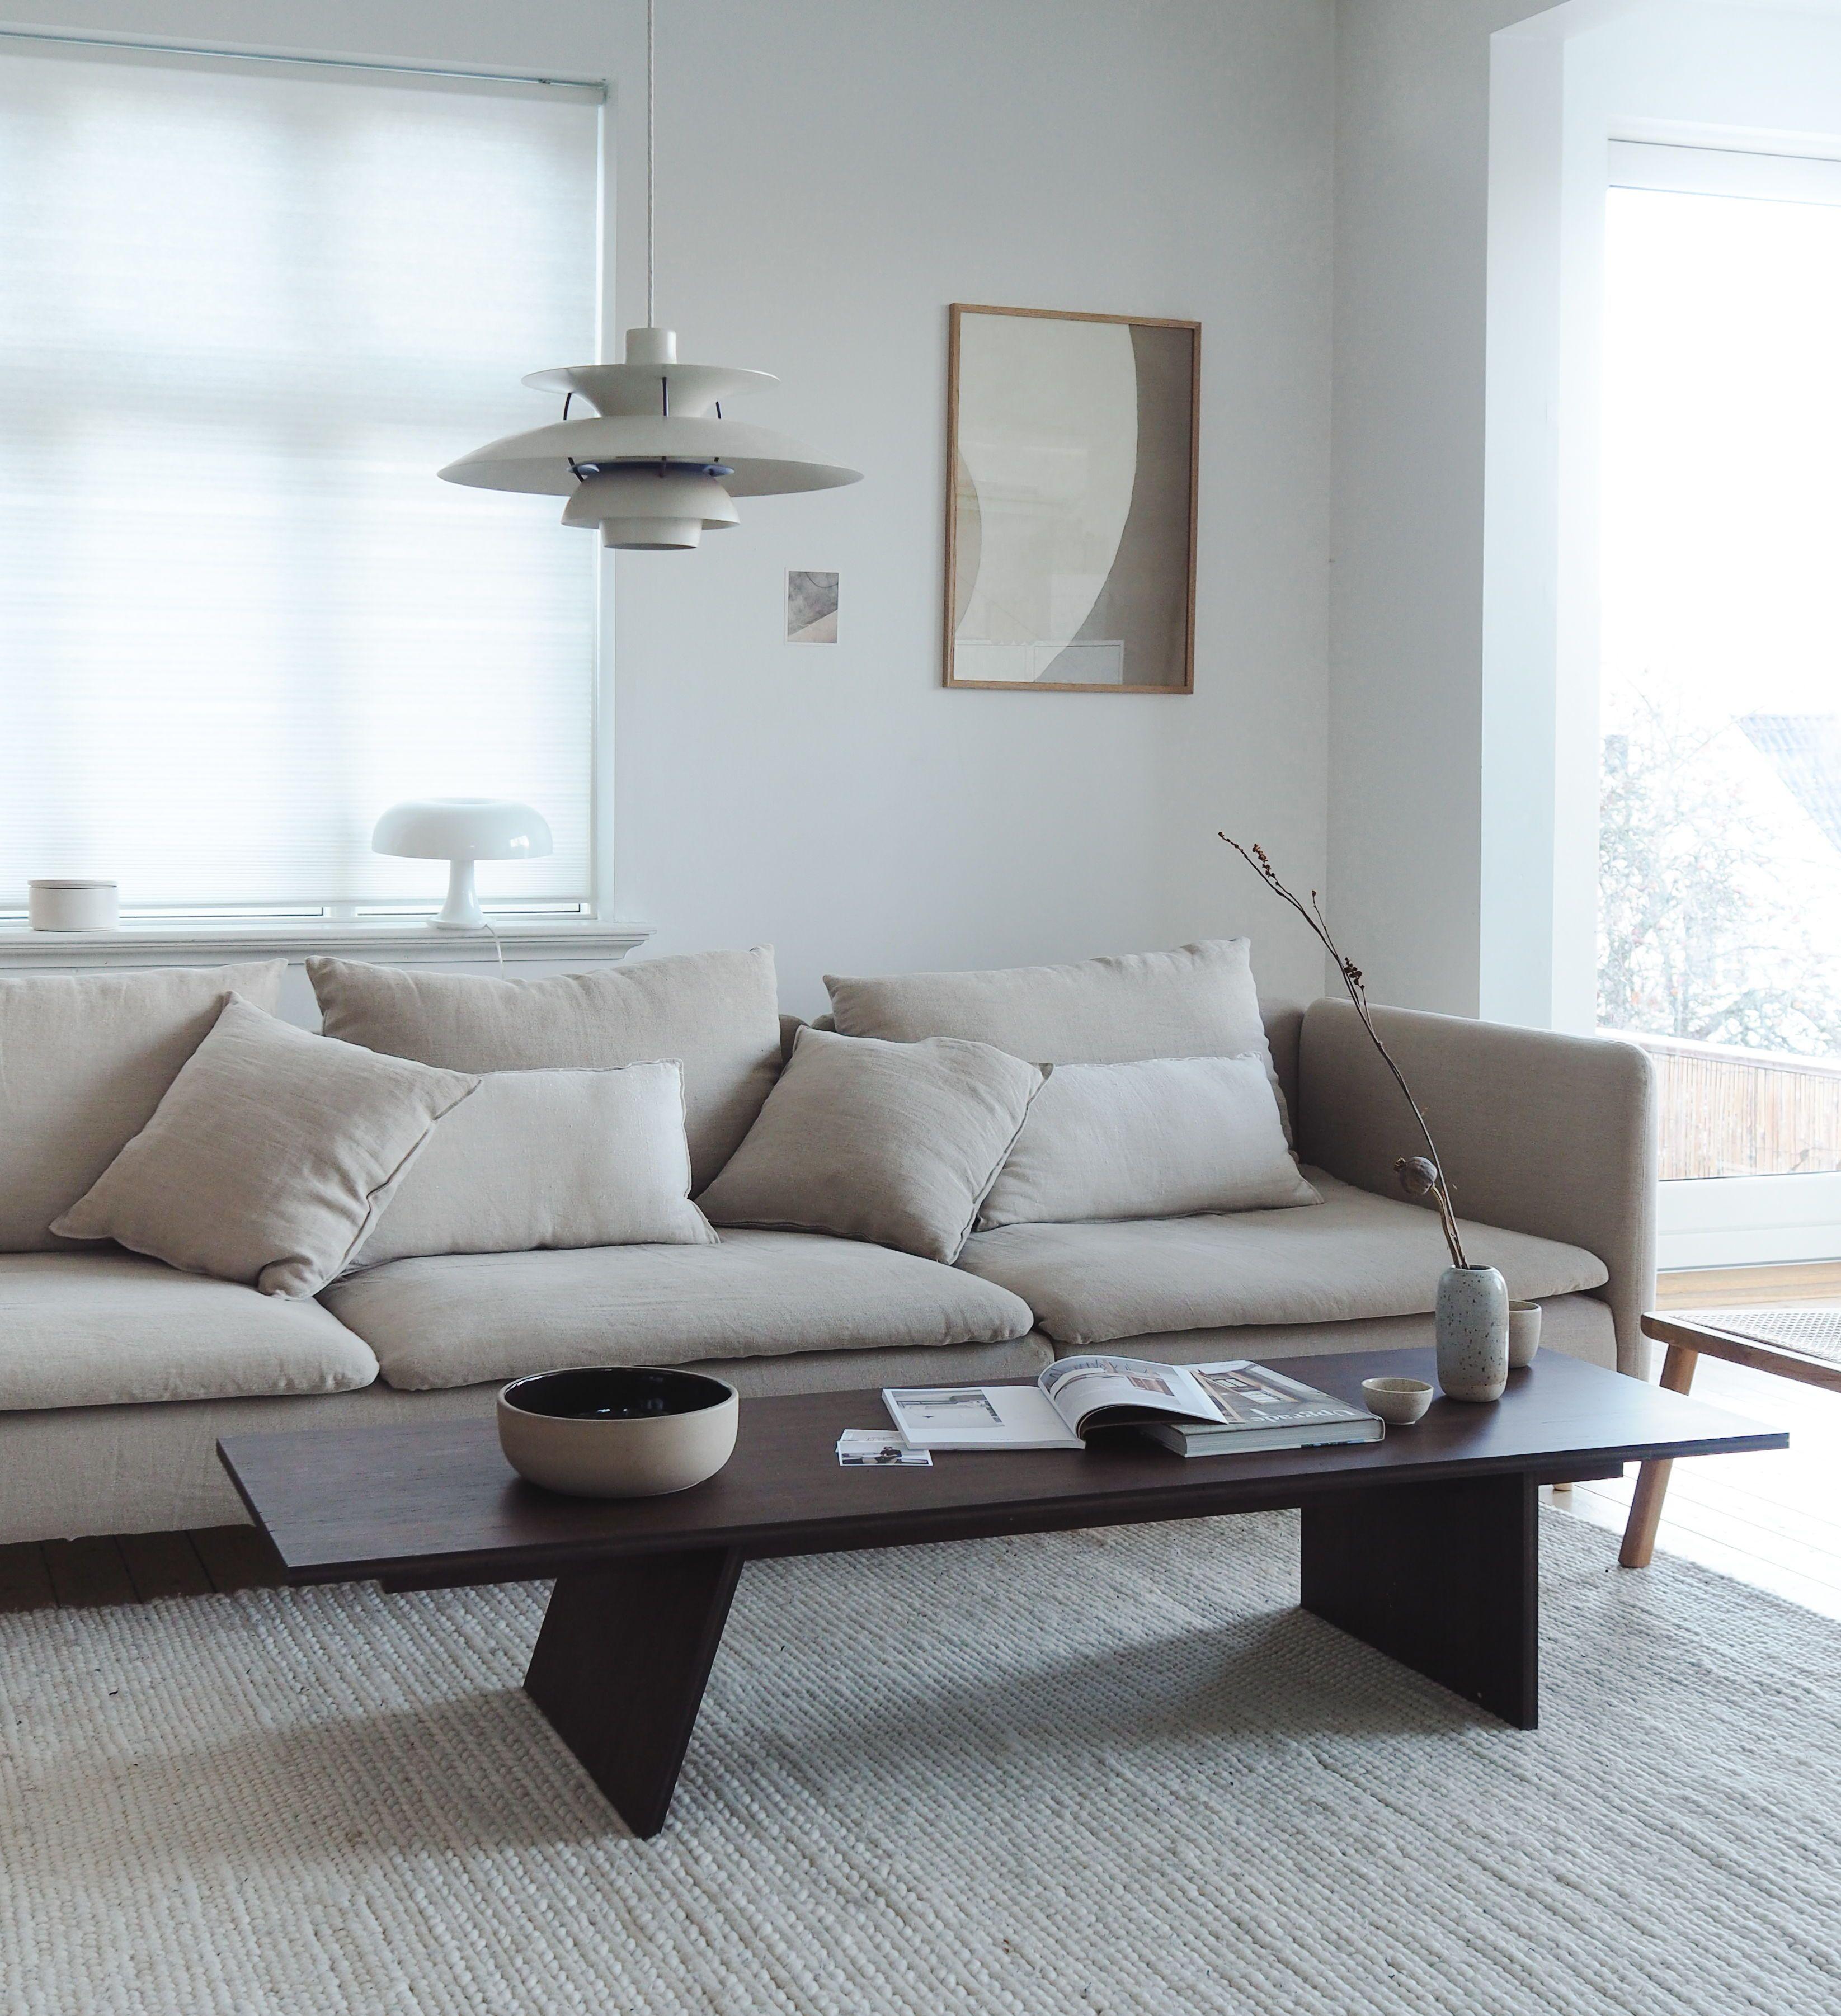 Bemz Pebble Linen Cover For Ikea Soderhamn In 2020 Living Room Scandinavian Living Room Remodel Home Decor